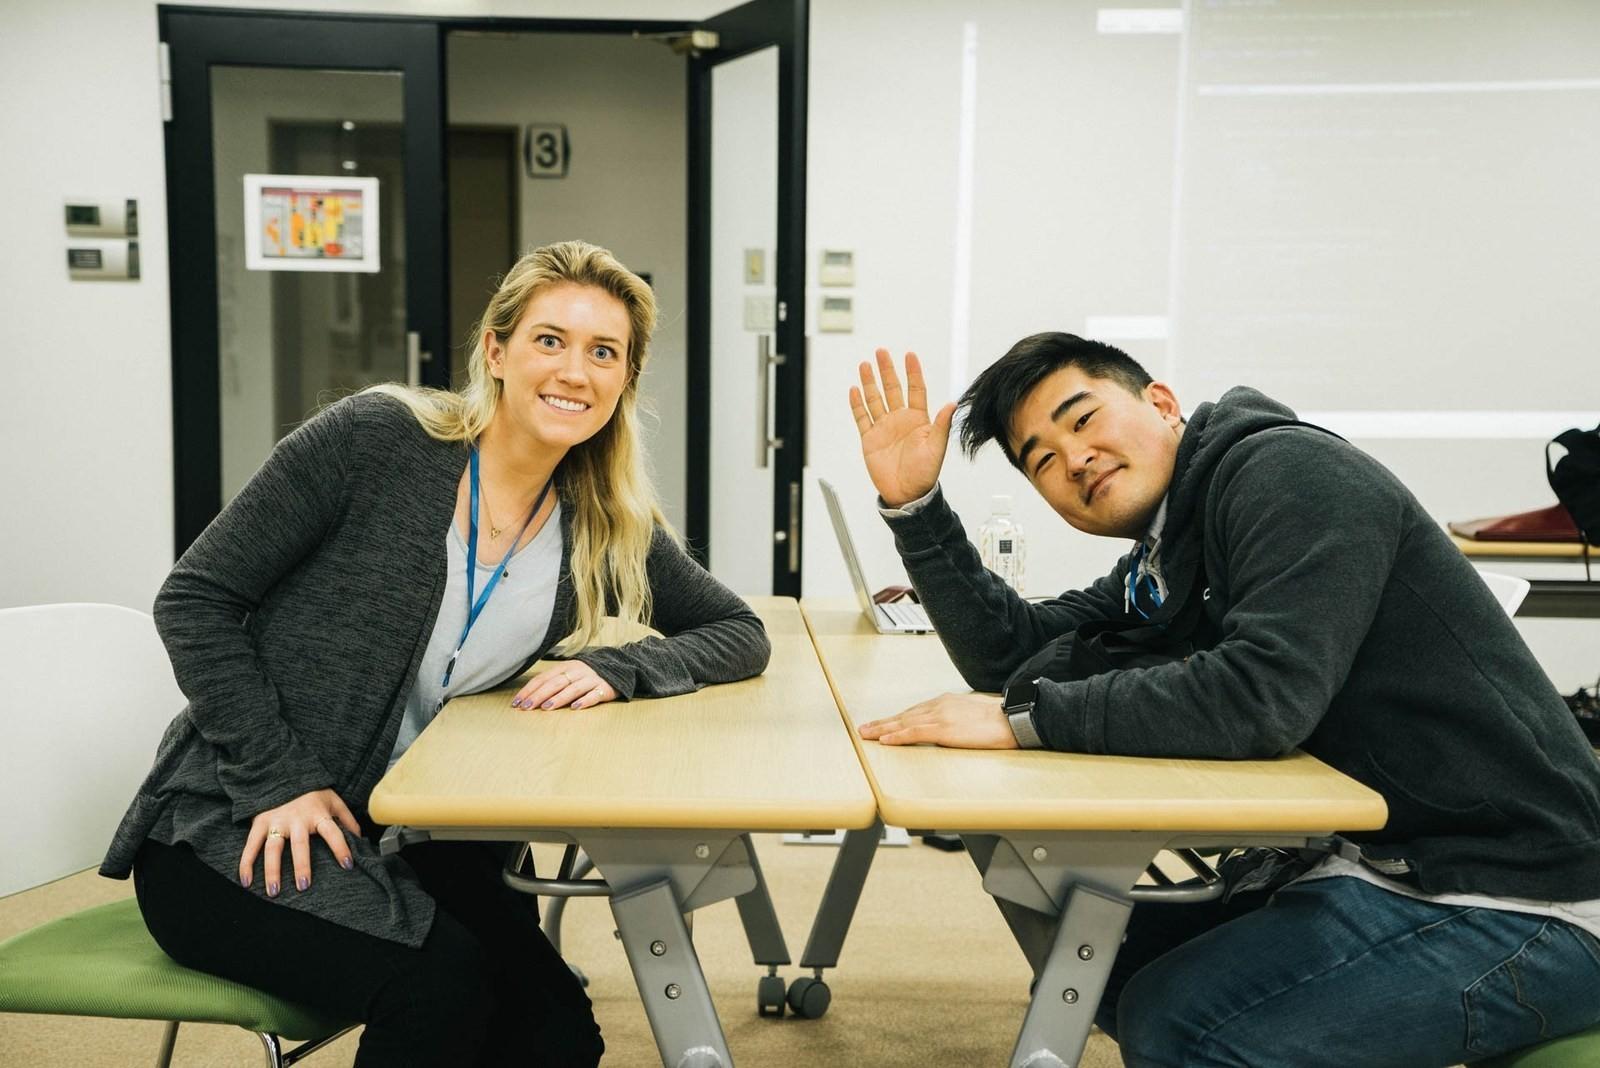 メンバーは3カ国で活躍中!87%が海外ユーザーで占めるCacooのSREチームで、一緒にマイクロサービス化に取り組みませんか?